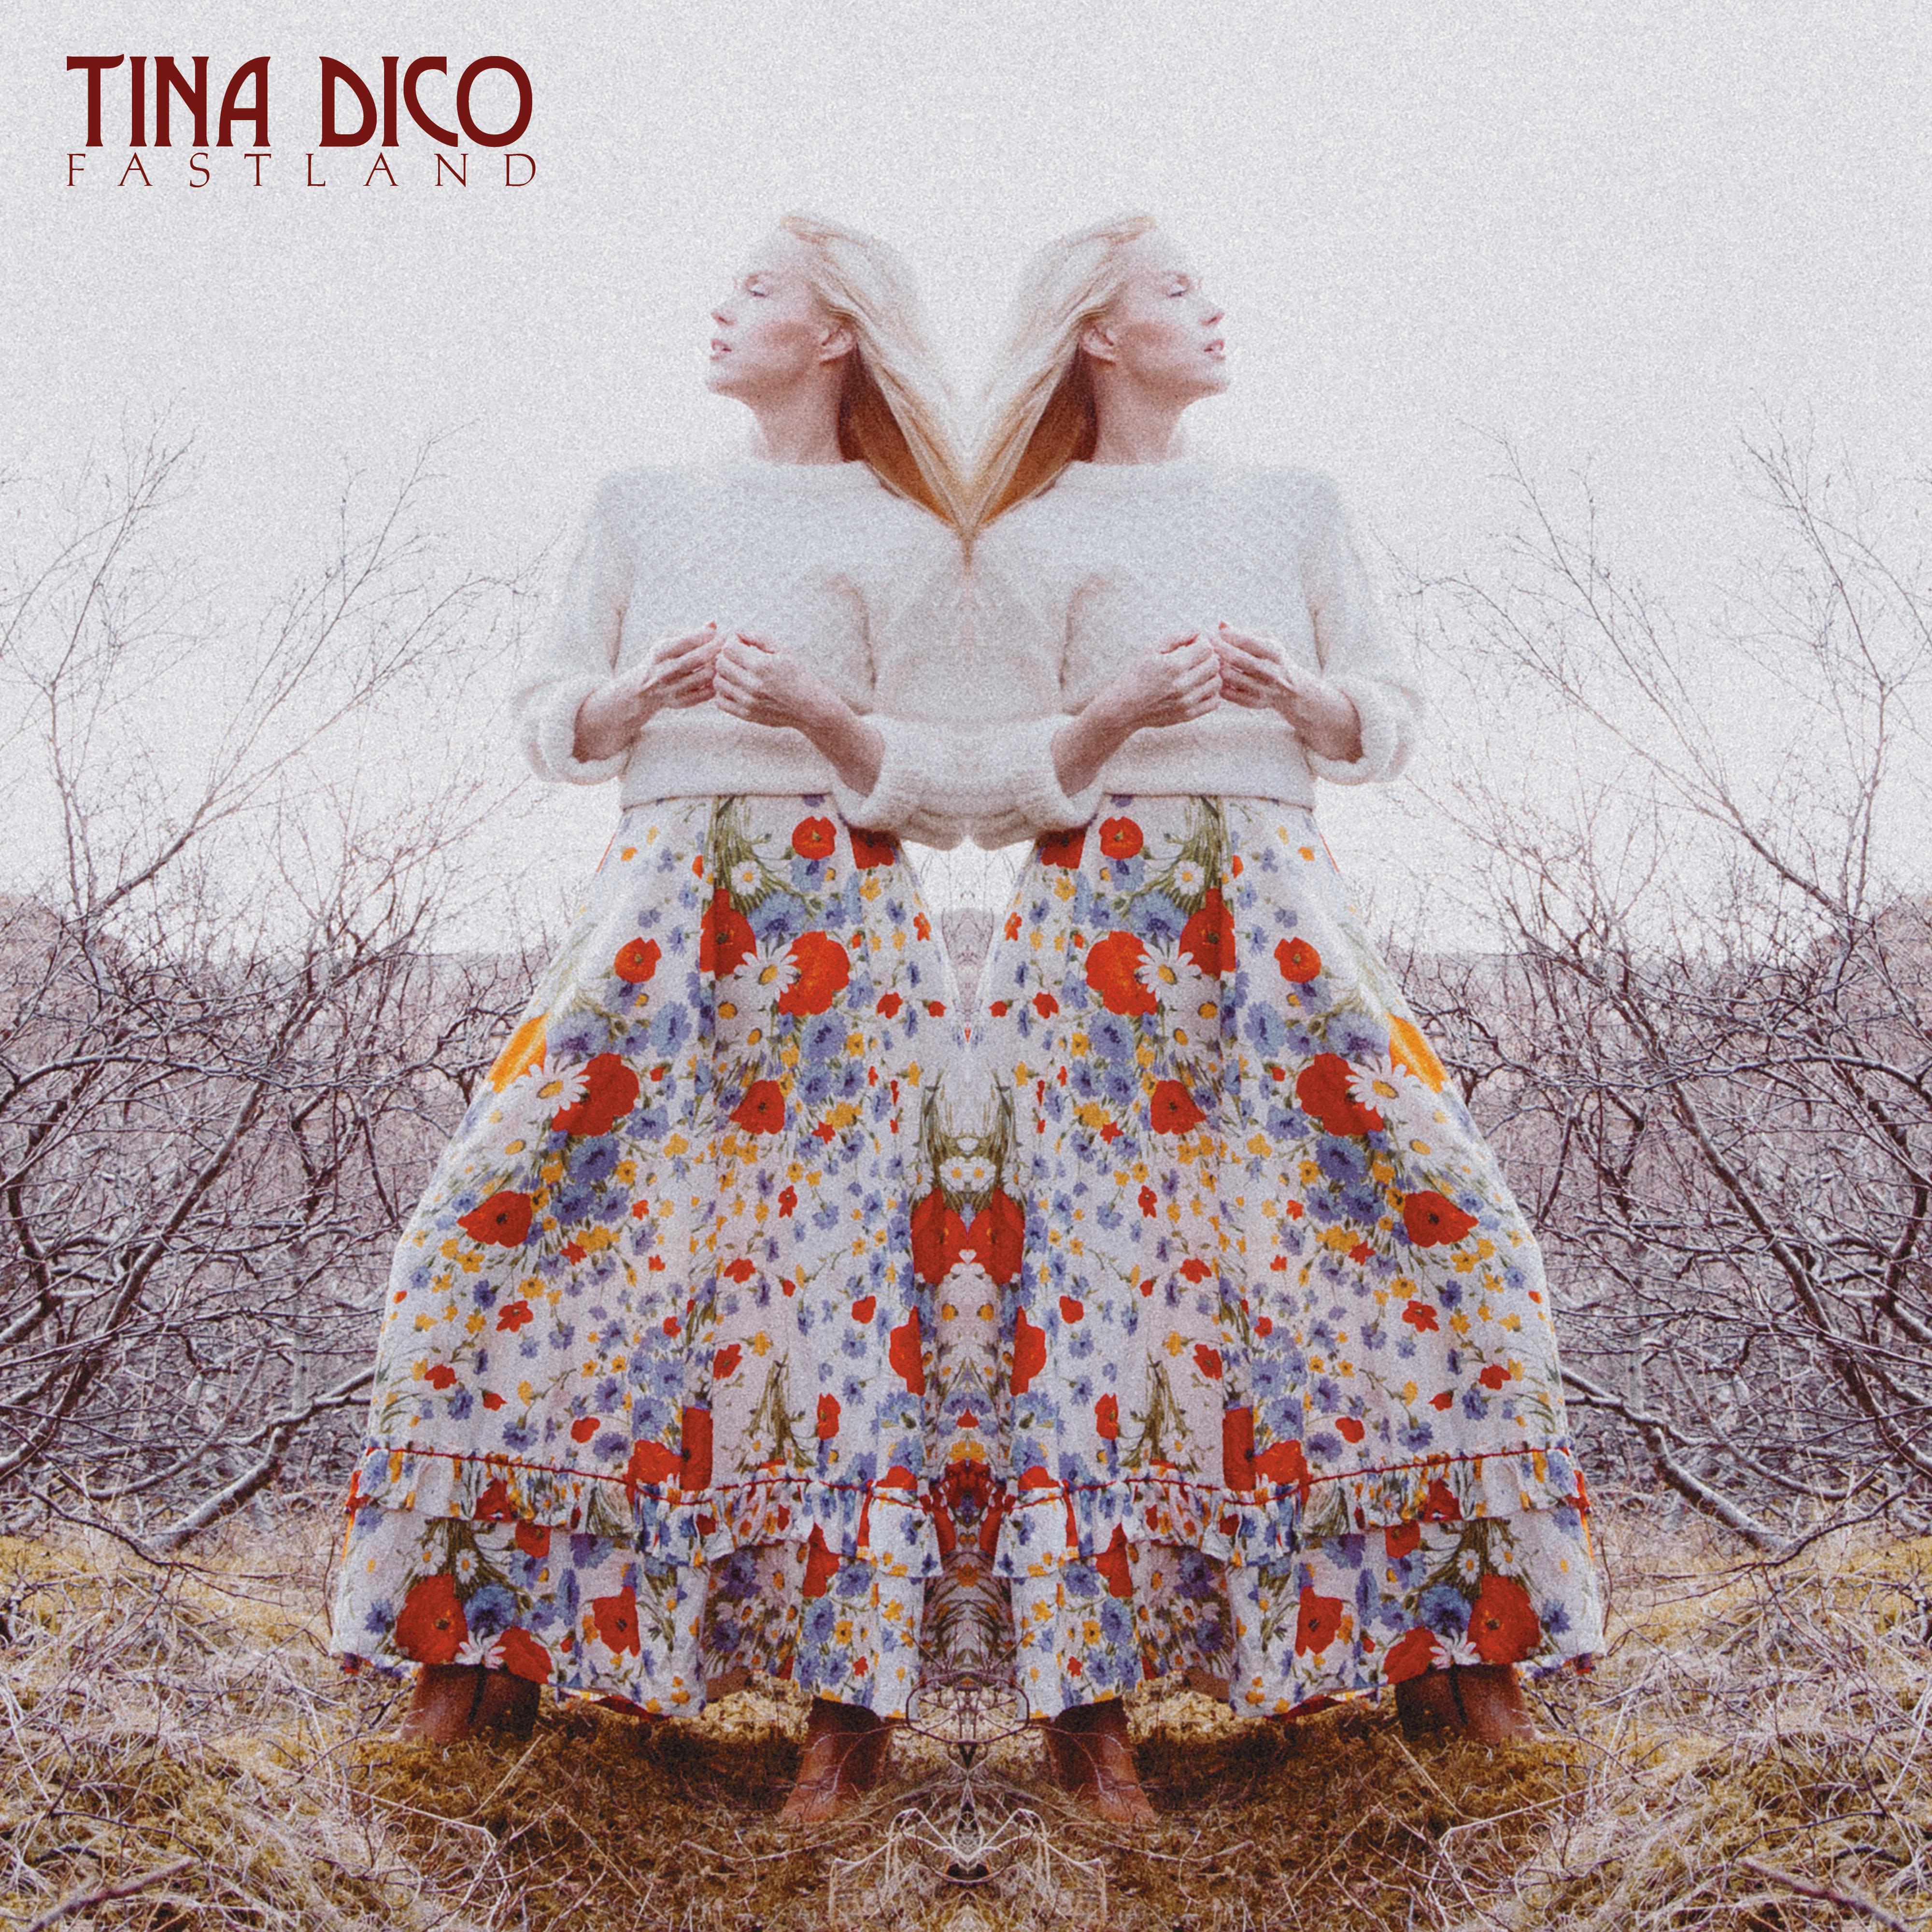 Tina Dico